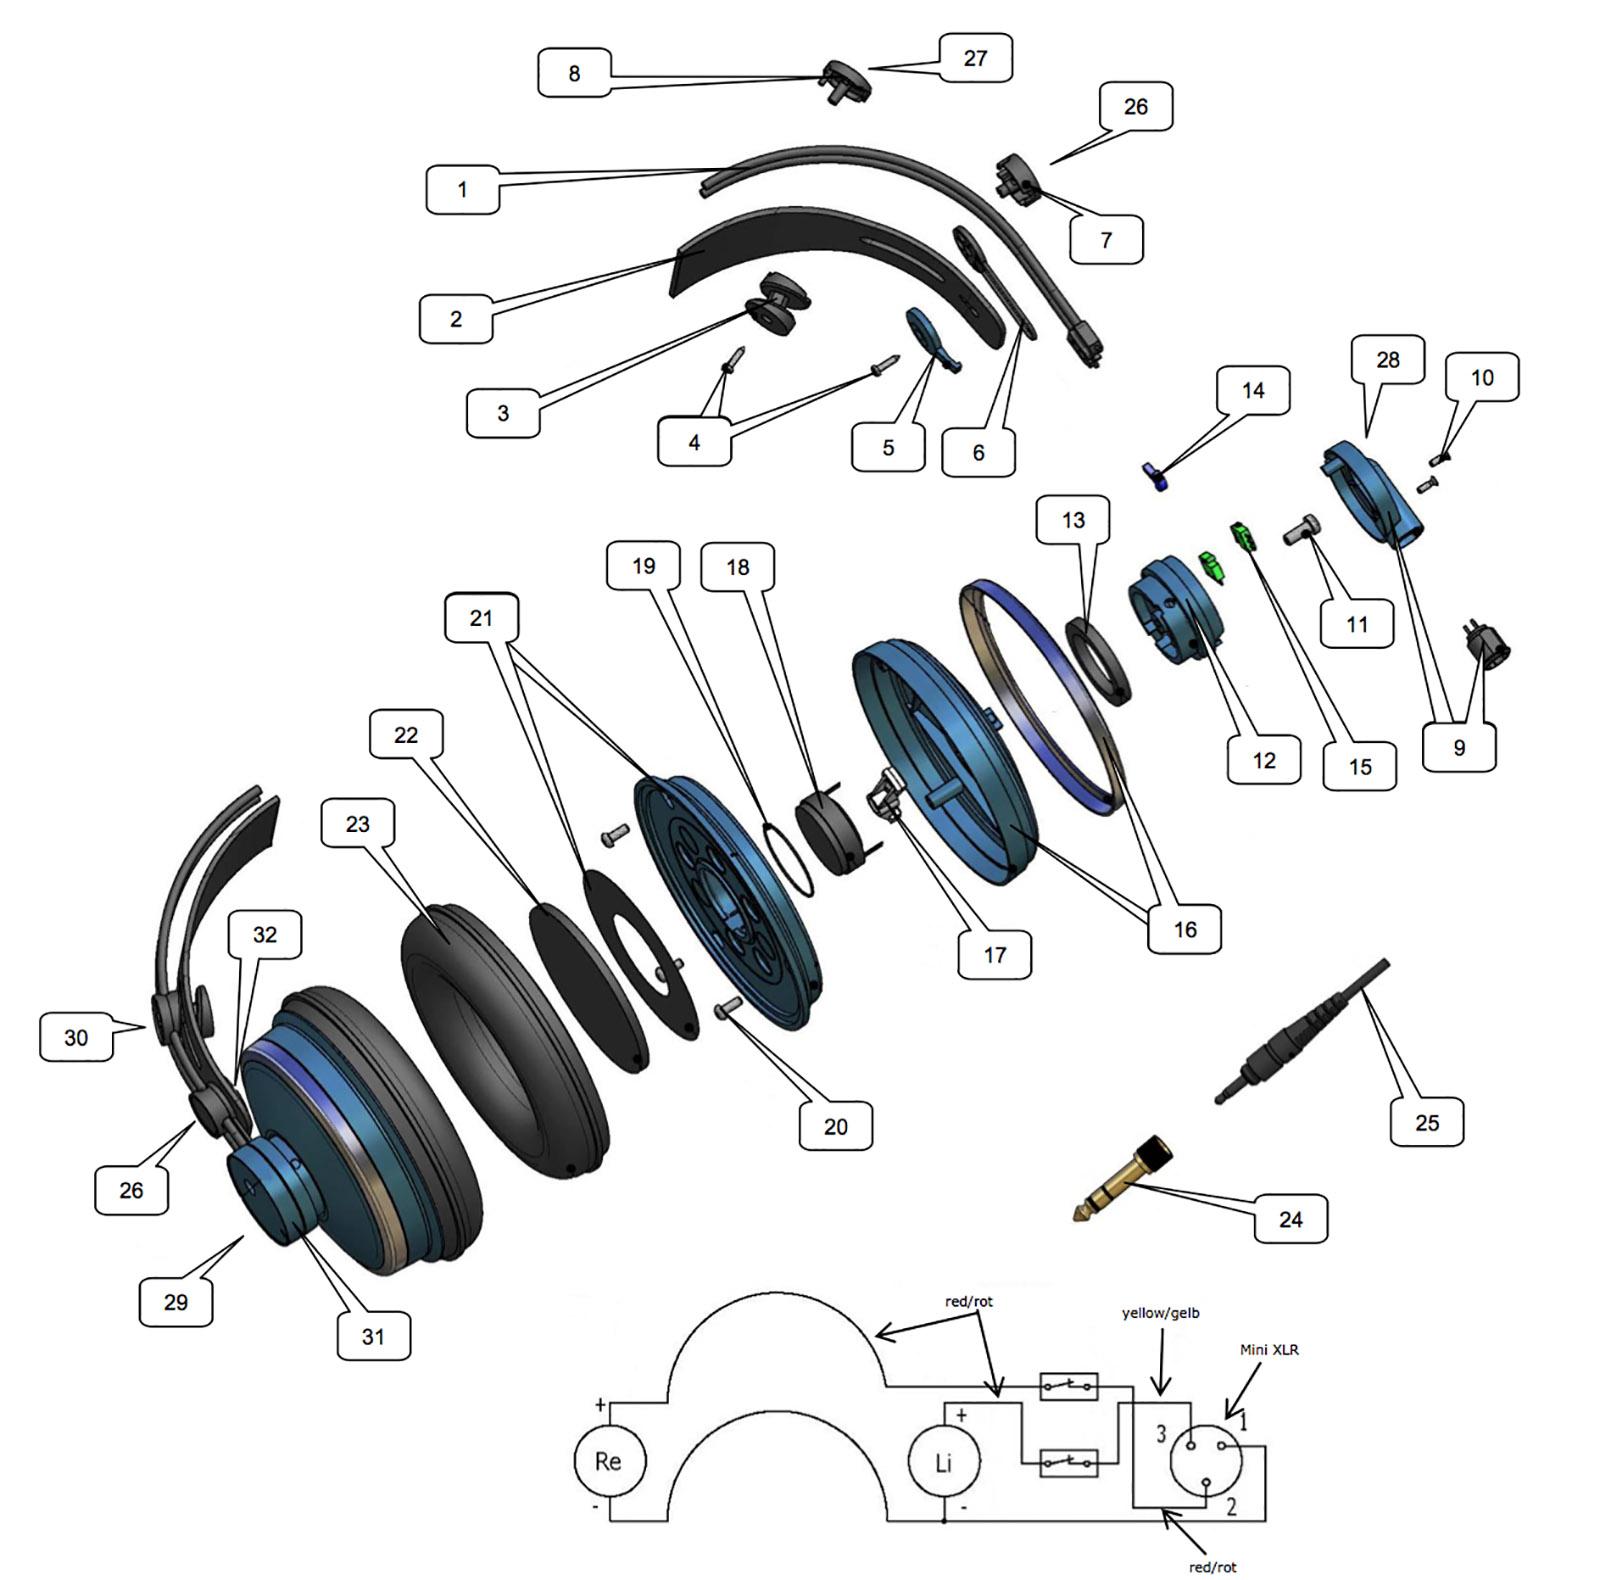 爱科技 akg k271mkii 头戴式耳机   结构爆炸视图